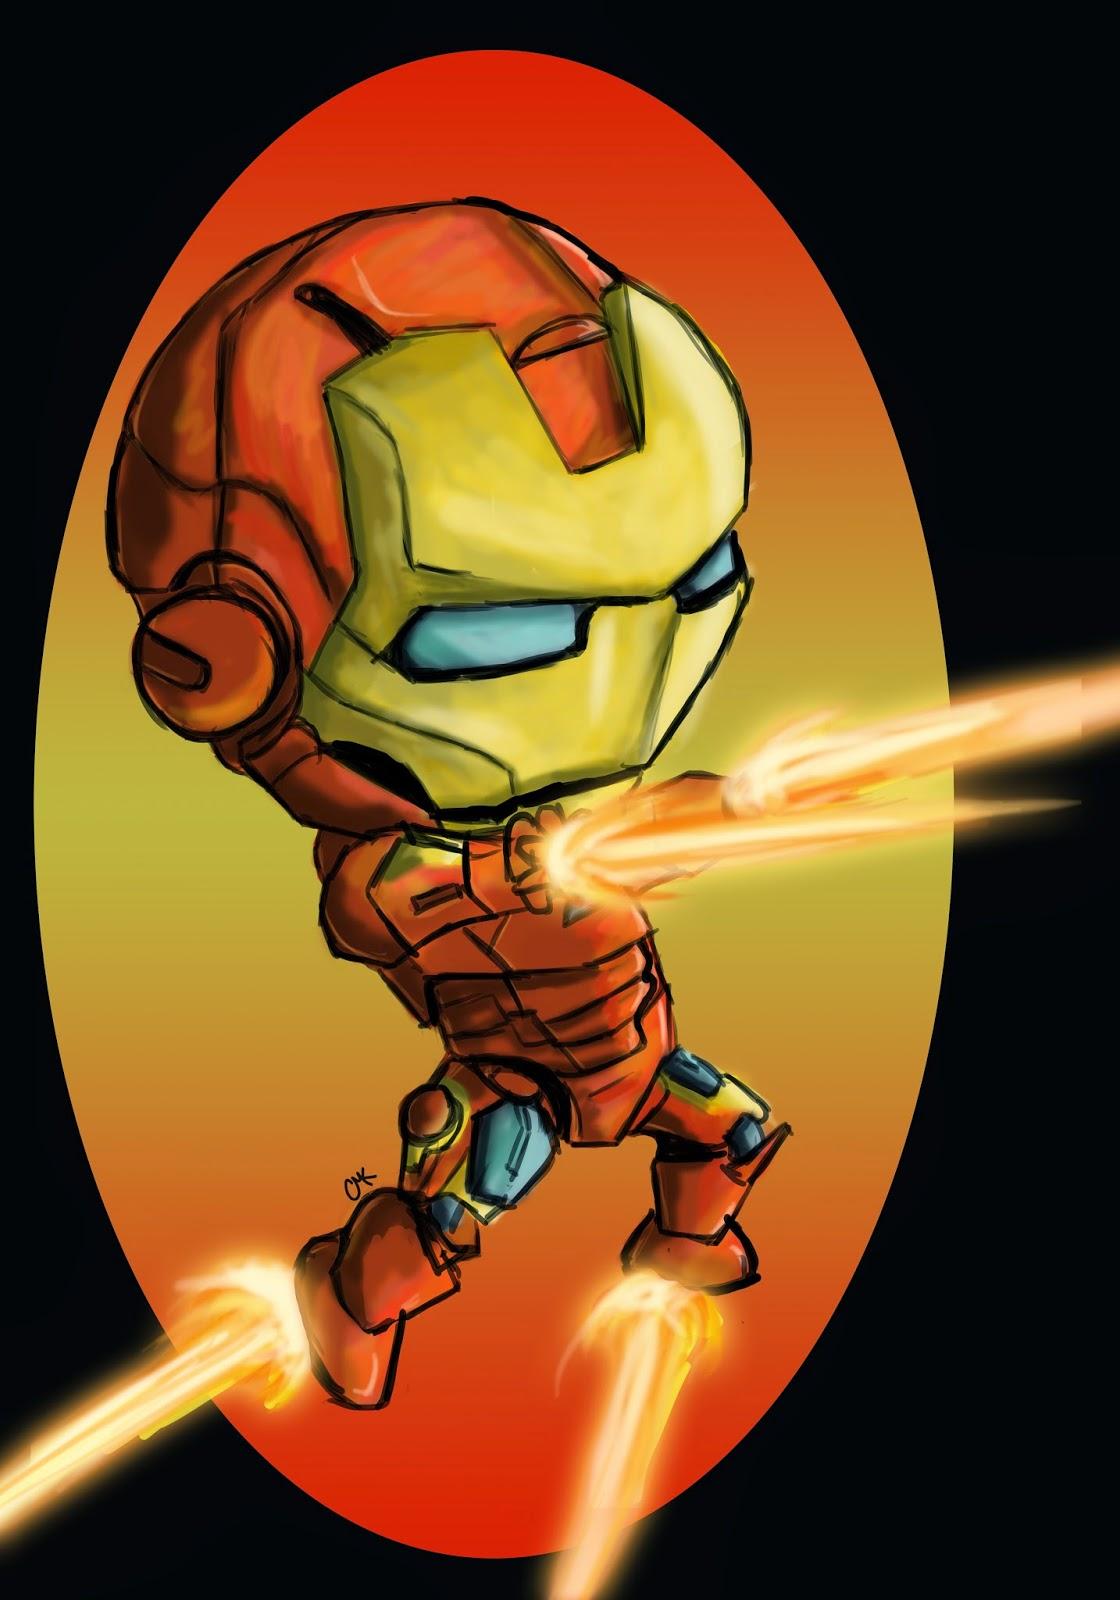 chibi drawing of iron man